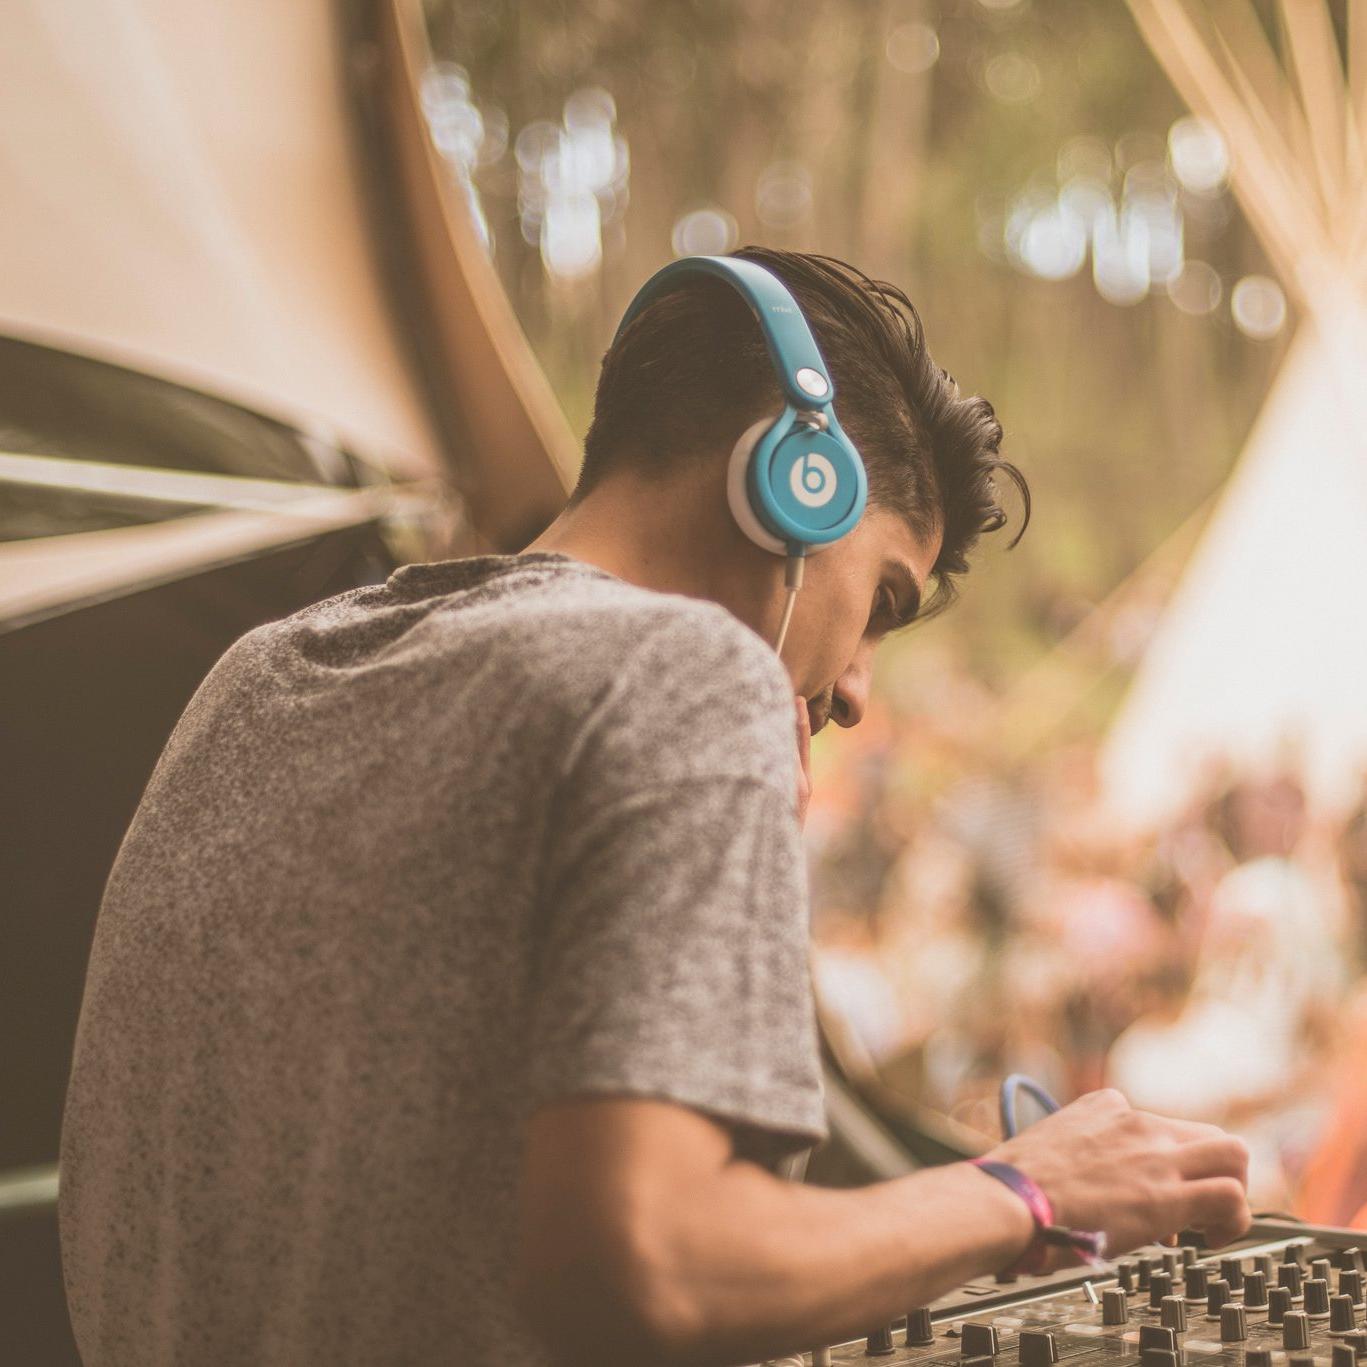 Der DJ Lifeforms an den Turntables. Er hat den Rücken zugewandt und trägt blaue Beats Kopfhörer